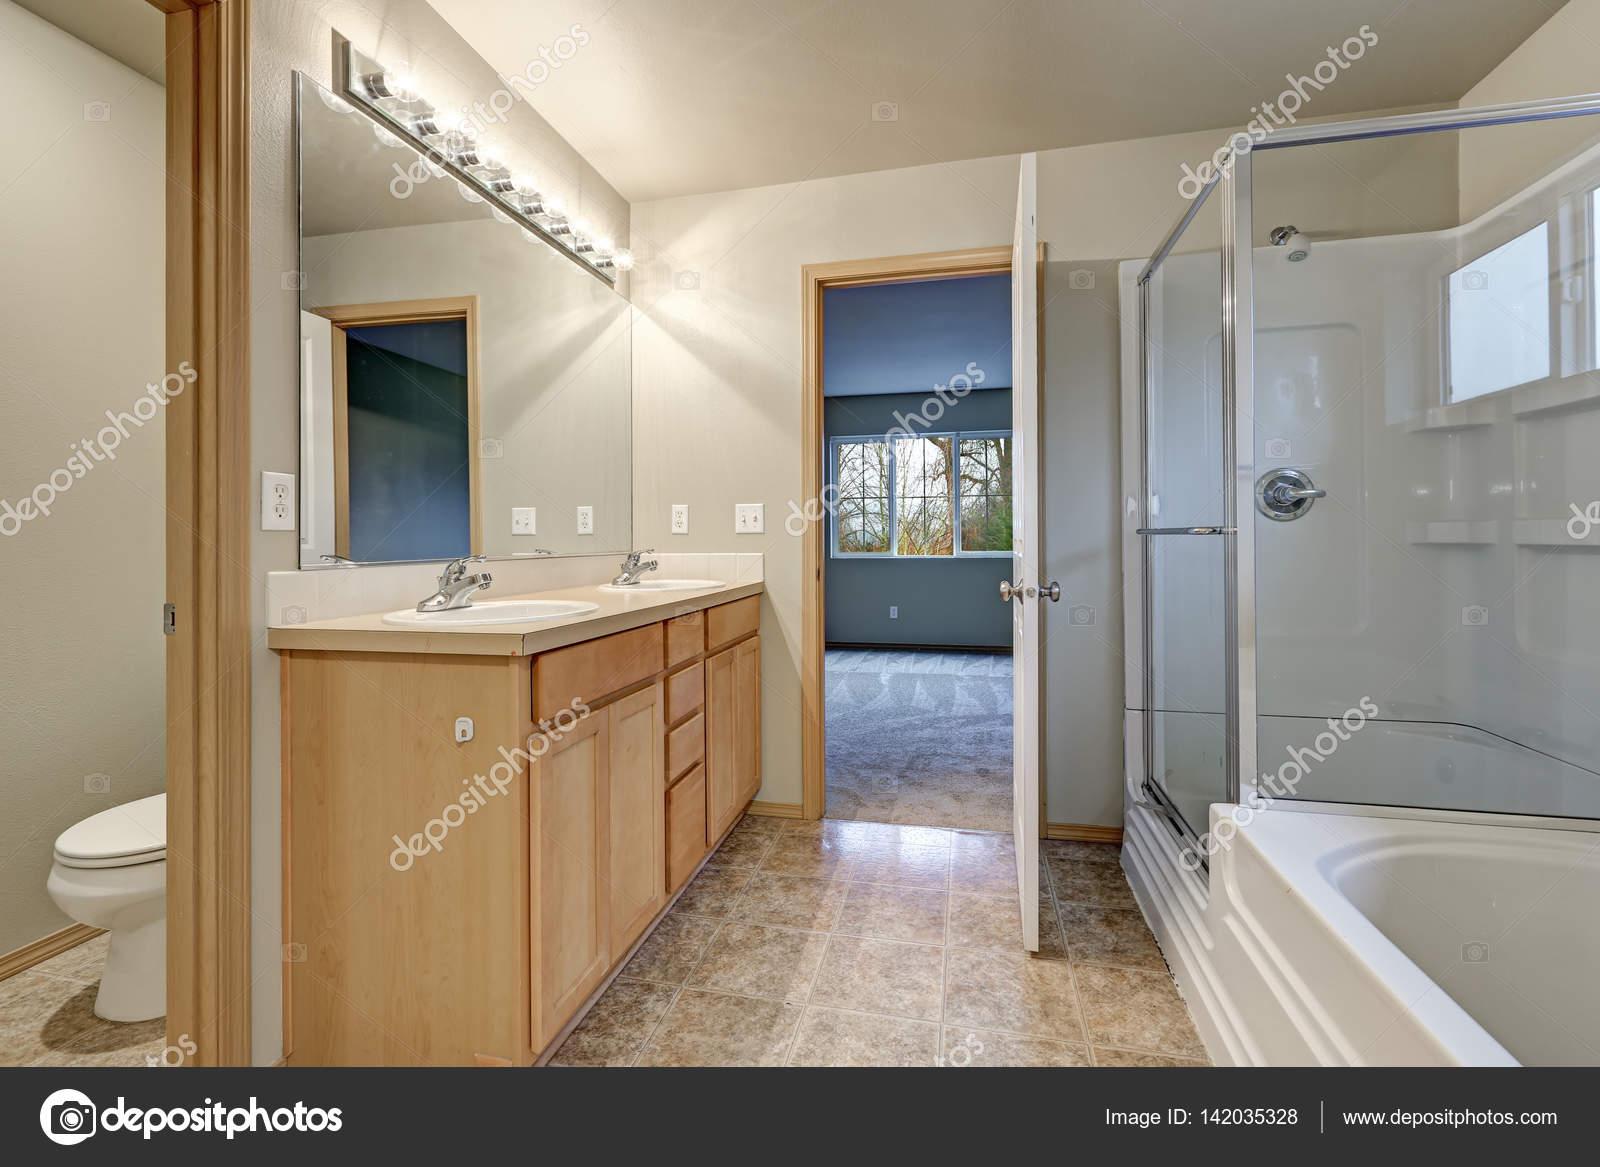 Graue Badezimmer Interieur Mit Doppelten Waschbecken Holz Eitelkeit  Kabinett Und Glas Dusche. Nordwesten, Usa U2014 Foto Von Iriana88w